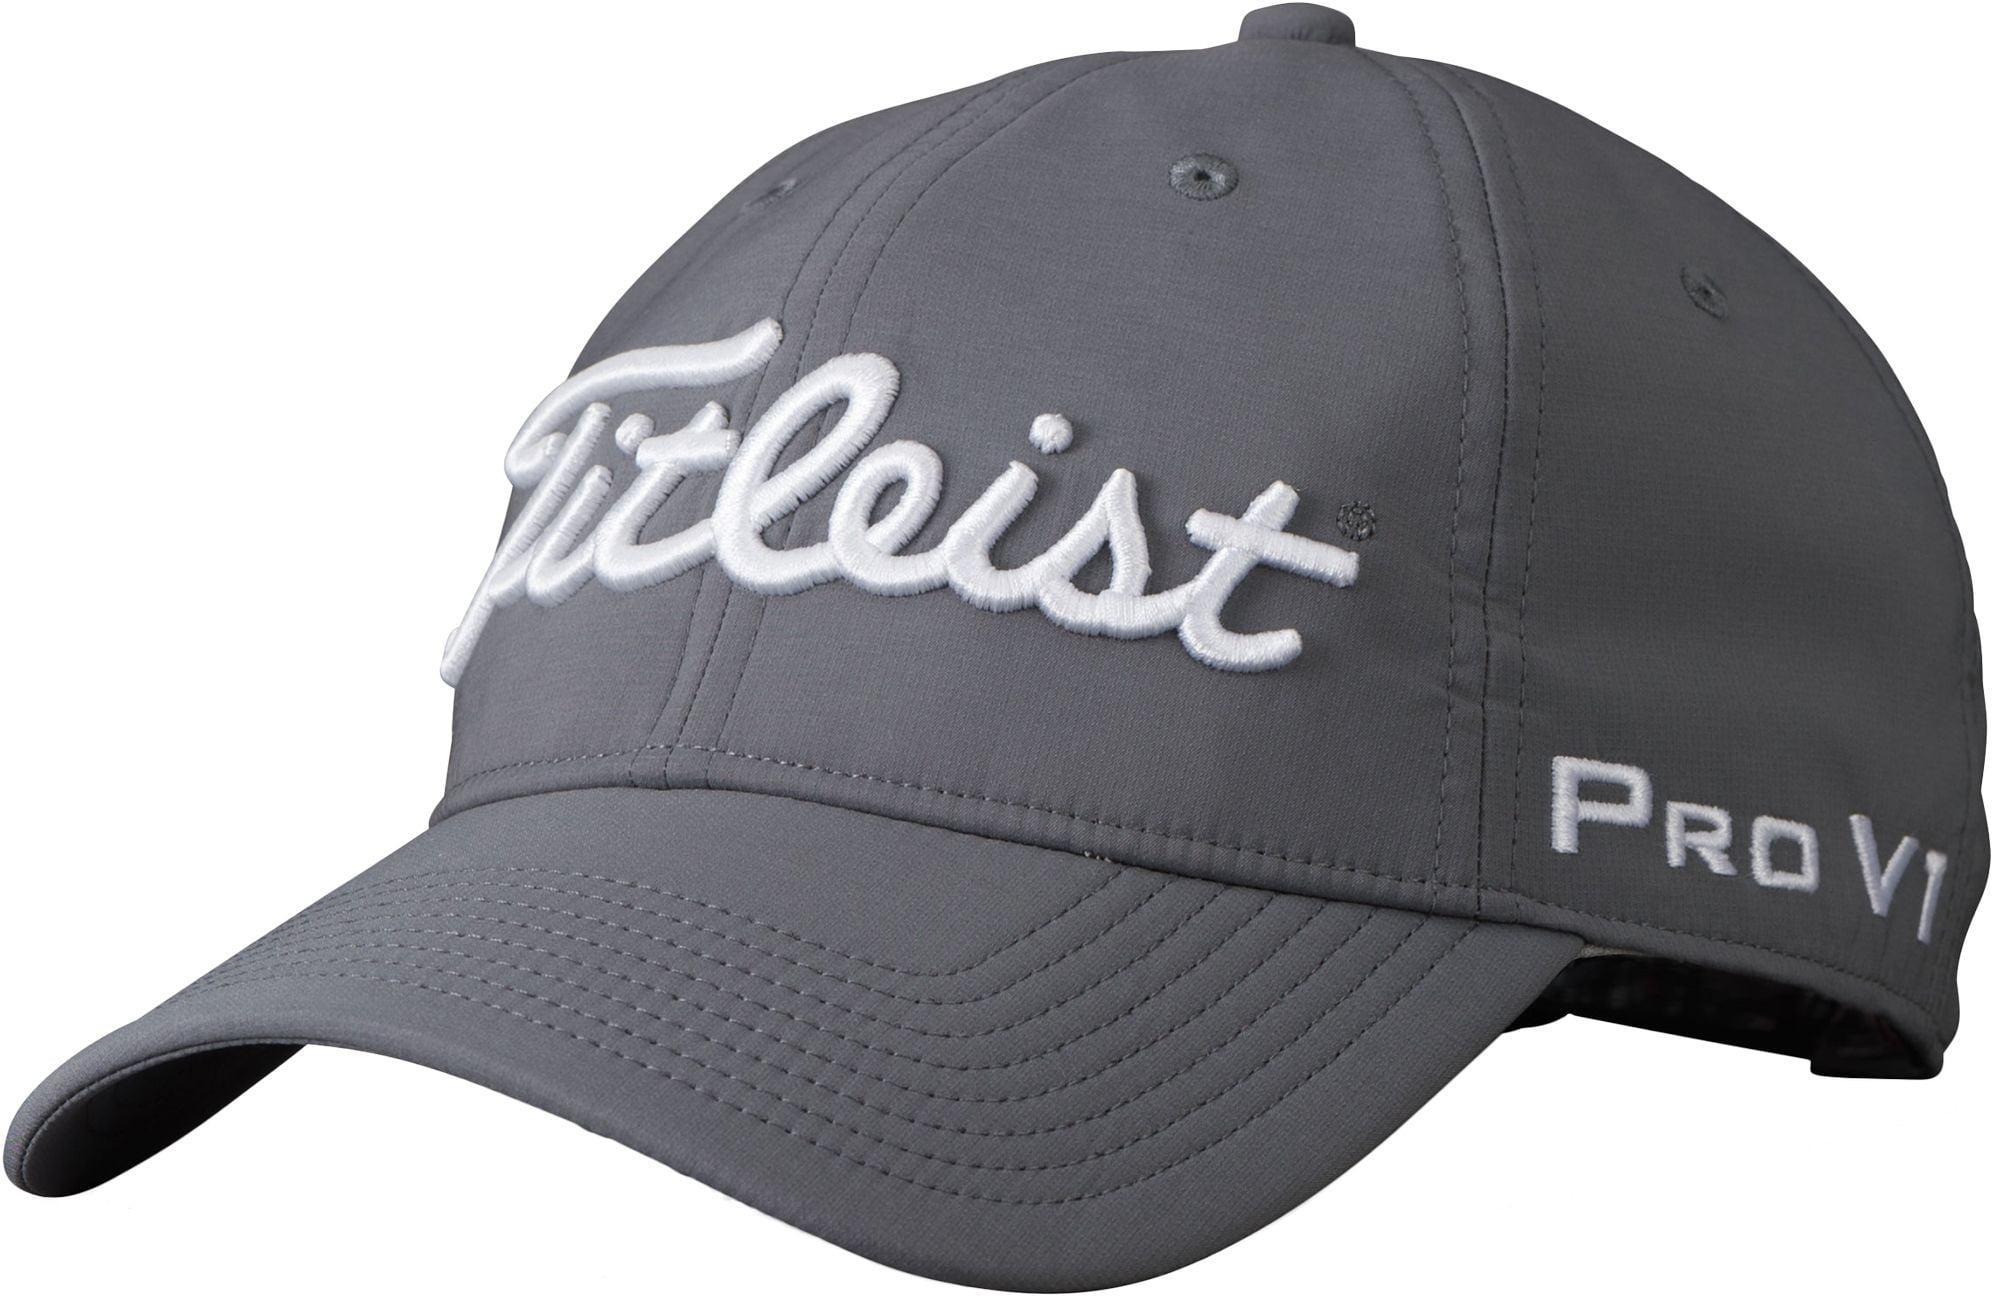 ae5bda9221d Titleist Men s Tour Performance Golf Hat - Walmart.com